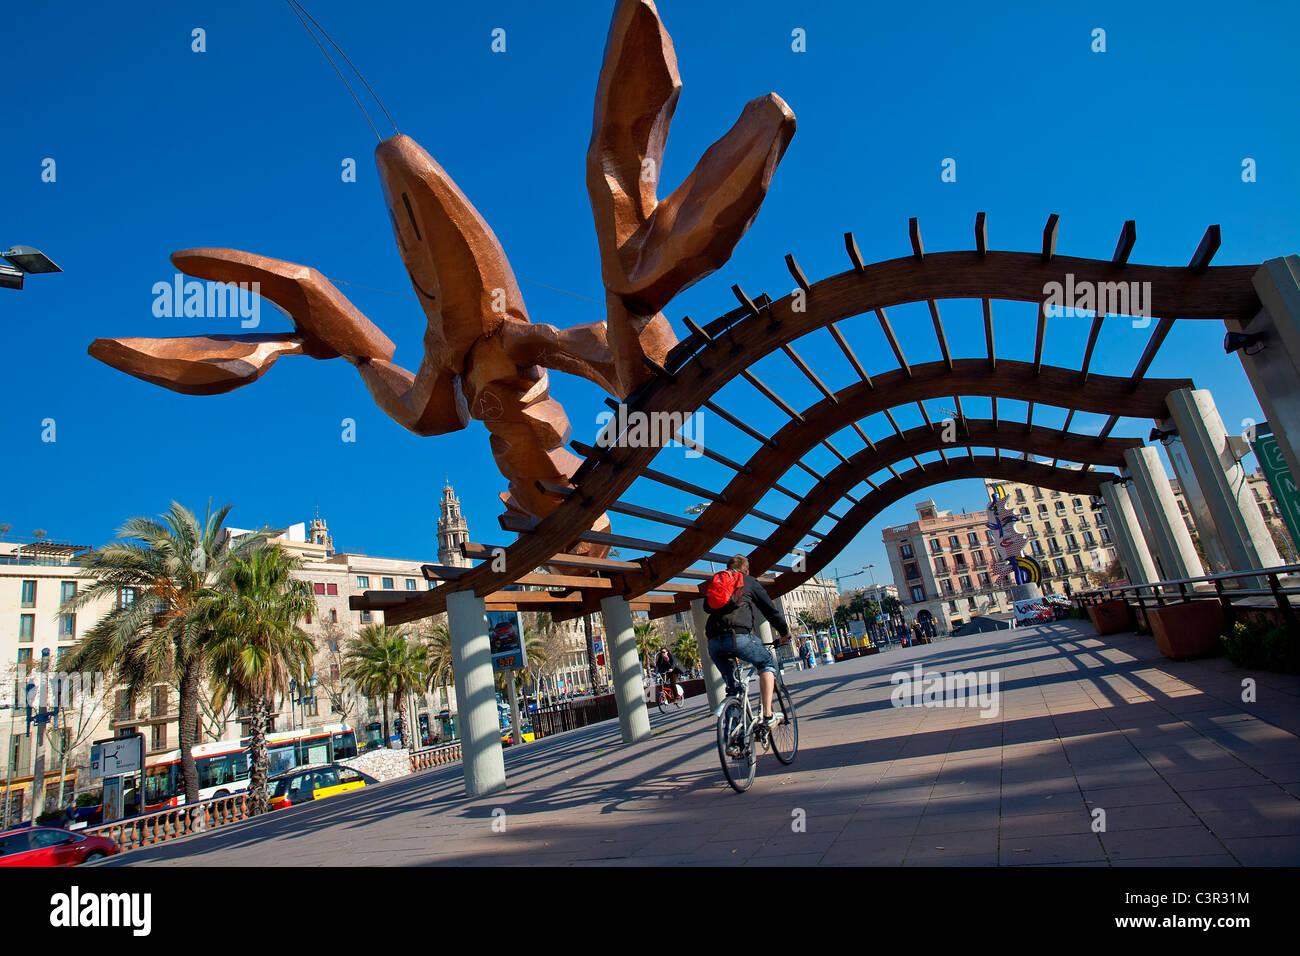 Spain, Catalonia, Barcelona, Moll de la Fusta area in the Port Vell (Old Harbour), Mariscal's La Gamba - Stock Image